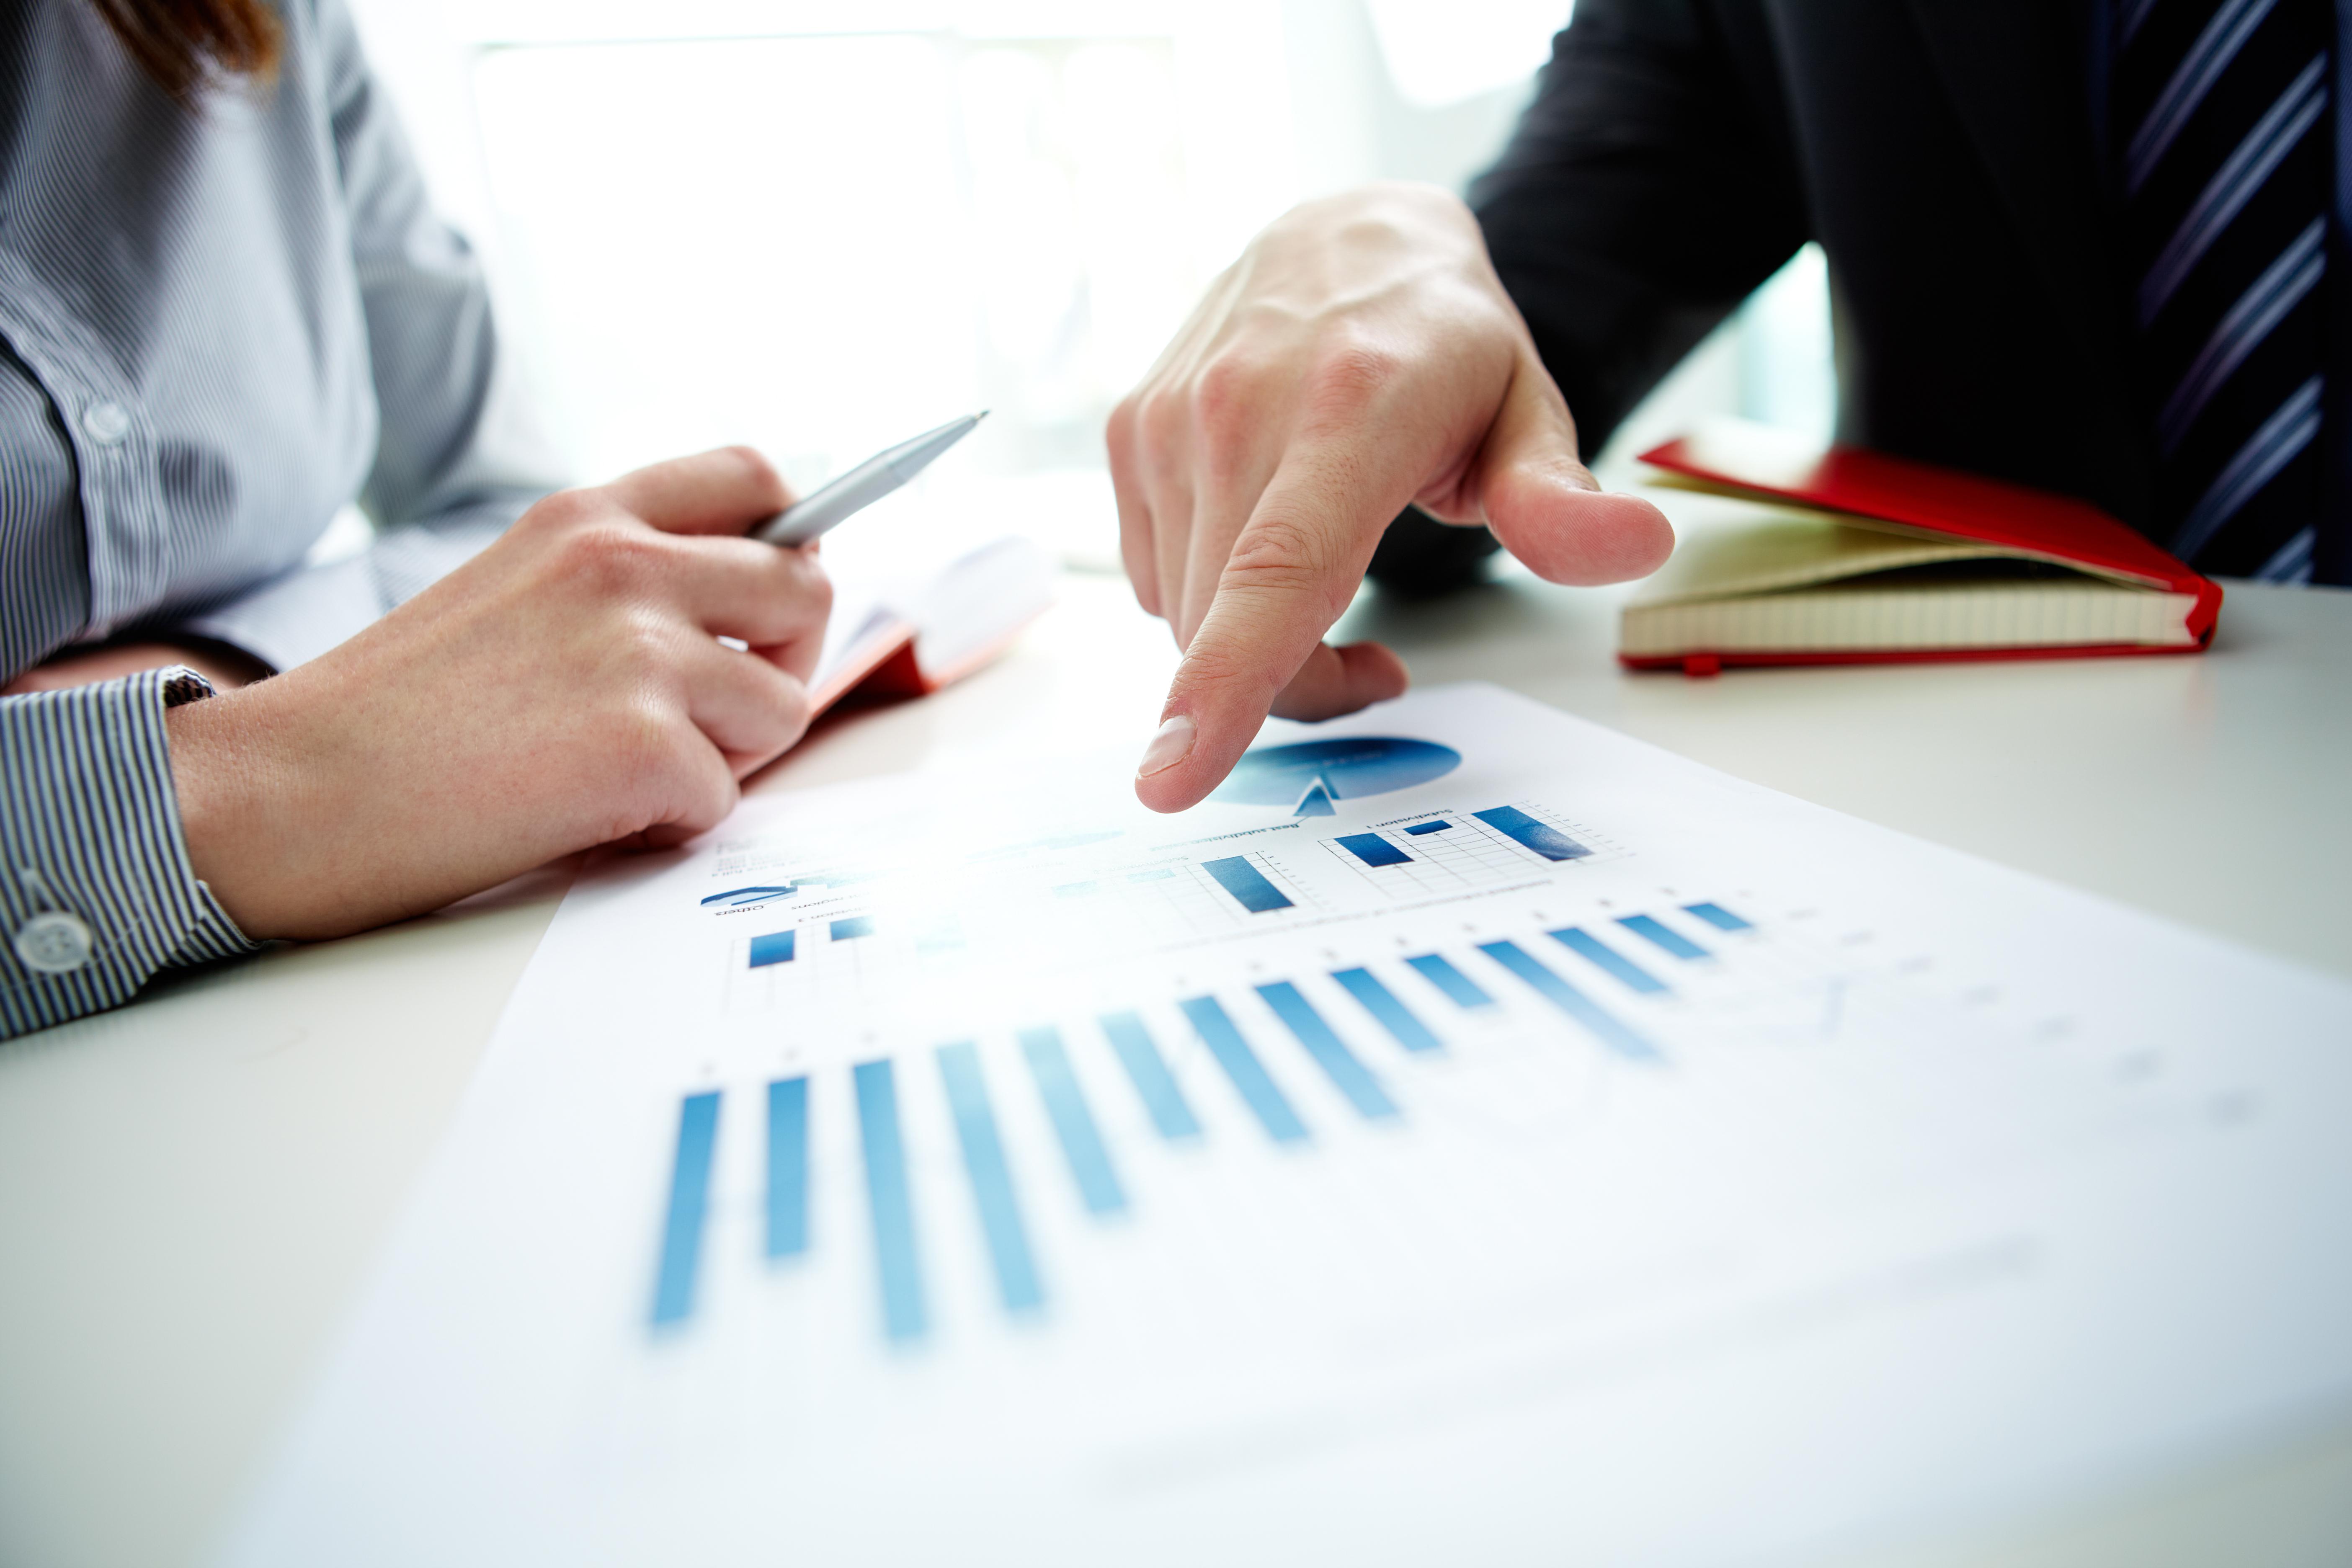 Operator sektora: Handel - Kompetencje dla sektorów zadanie Covid-19